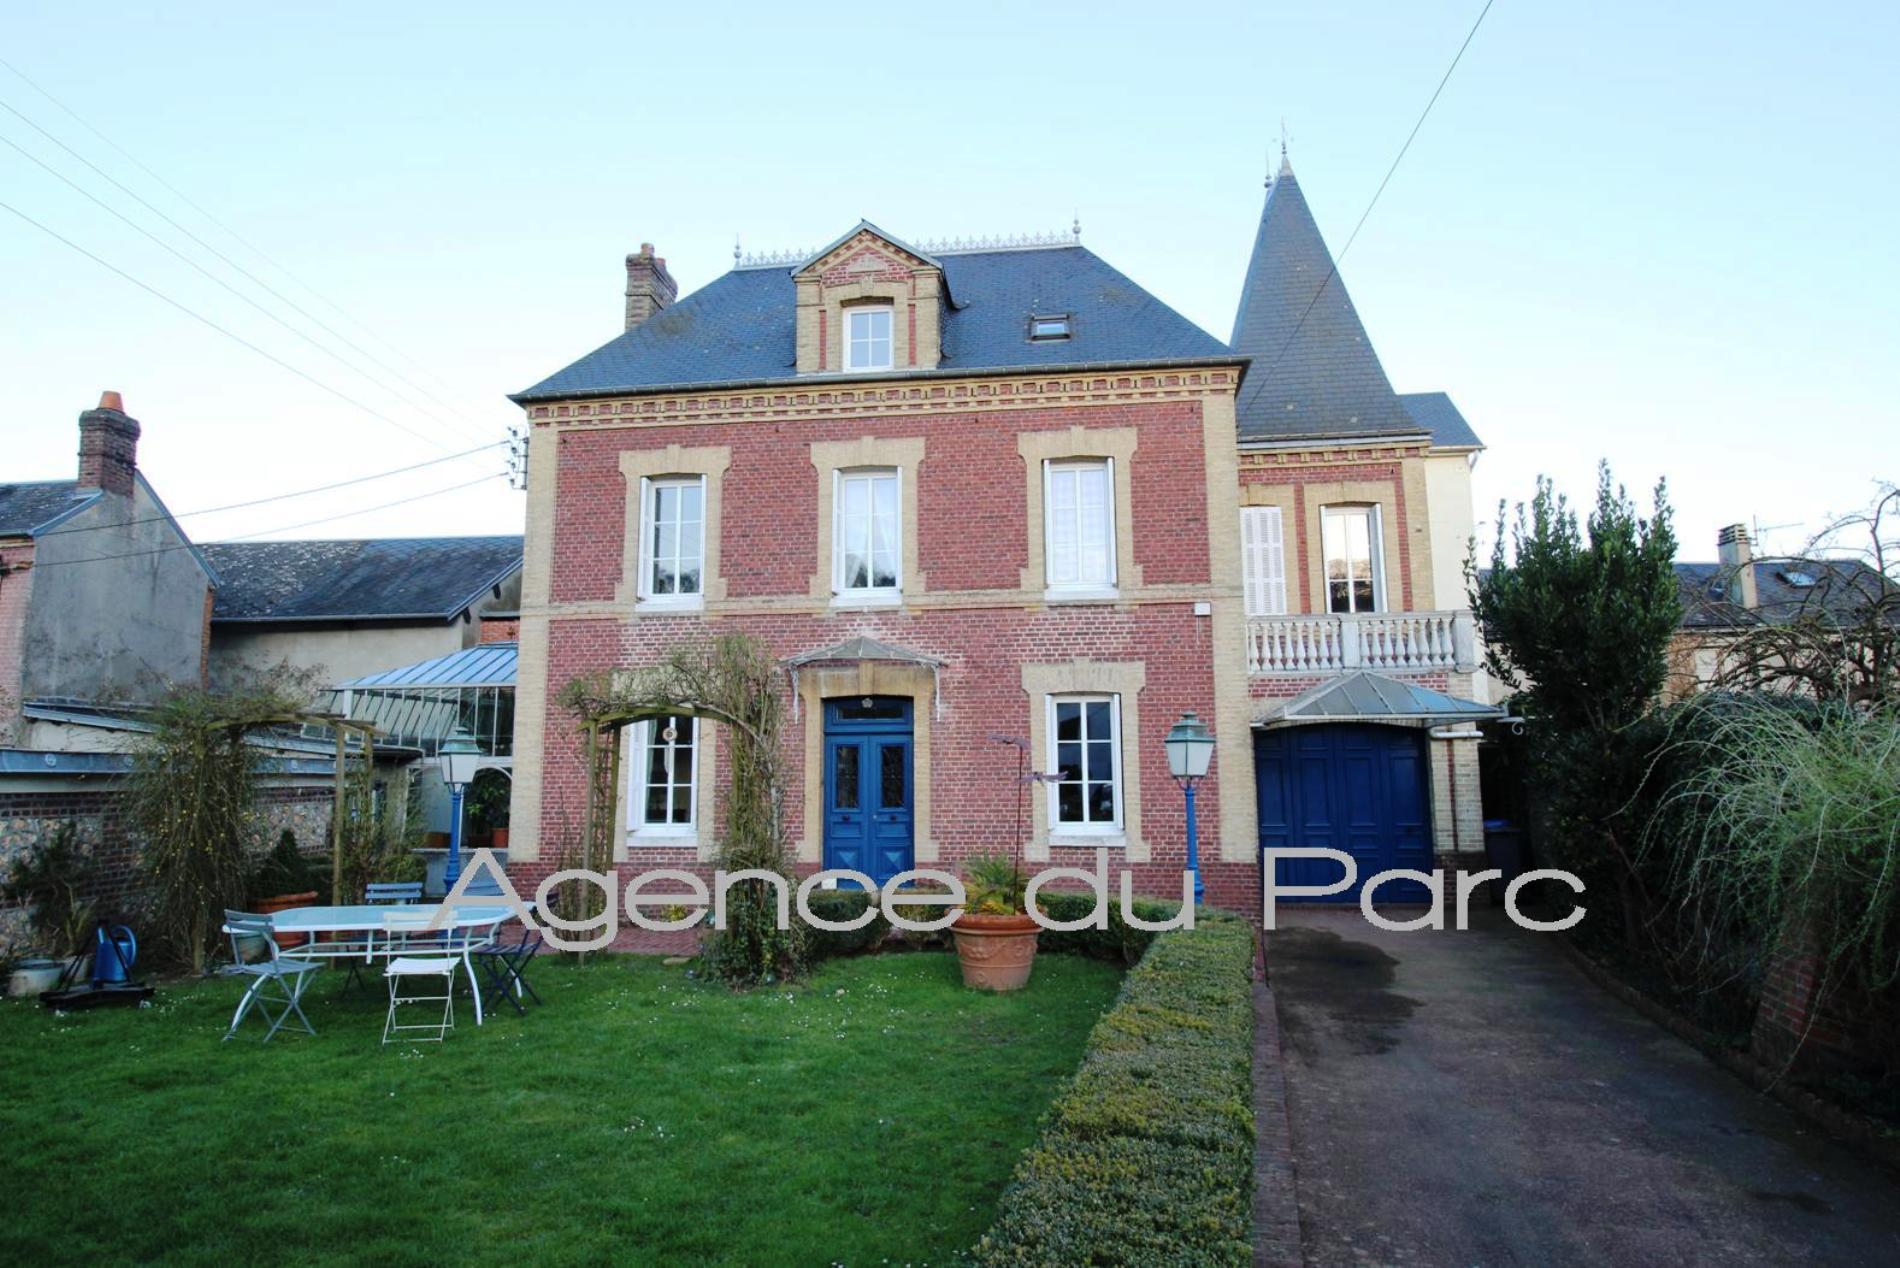 Acheter vente d 39 une maison bourgeoise pleine de charme for Acheter une 2eme maison